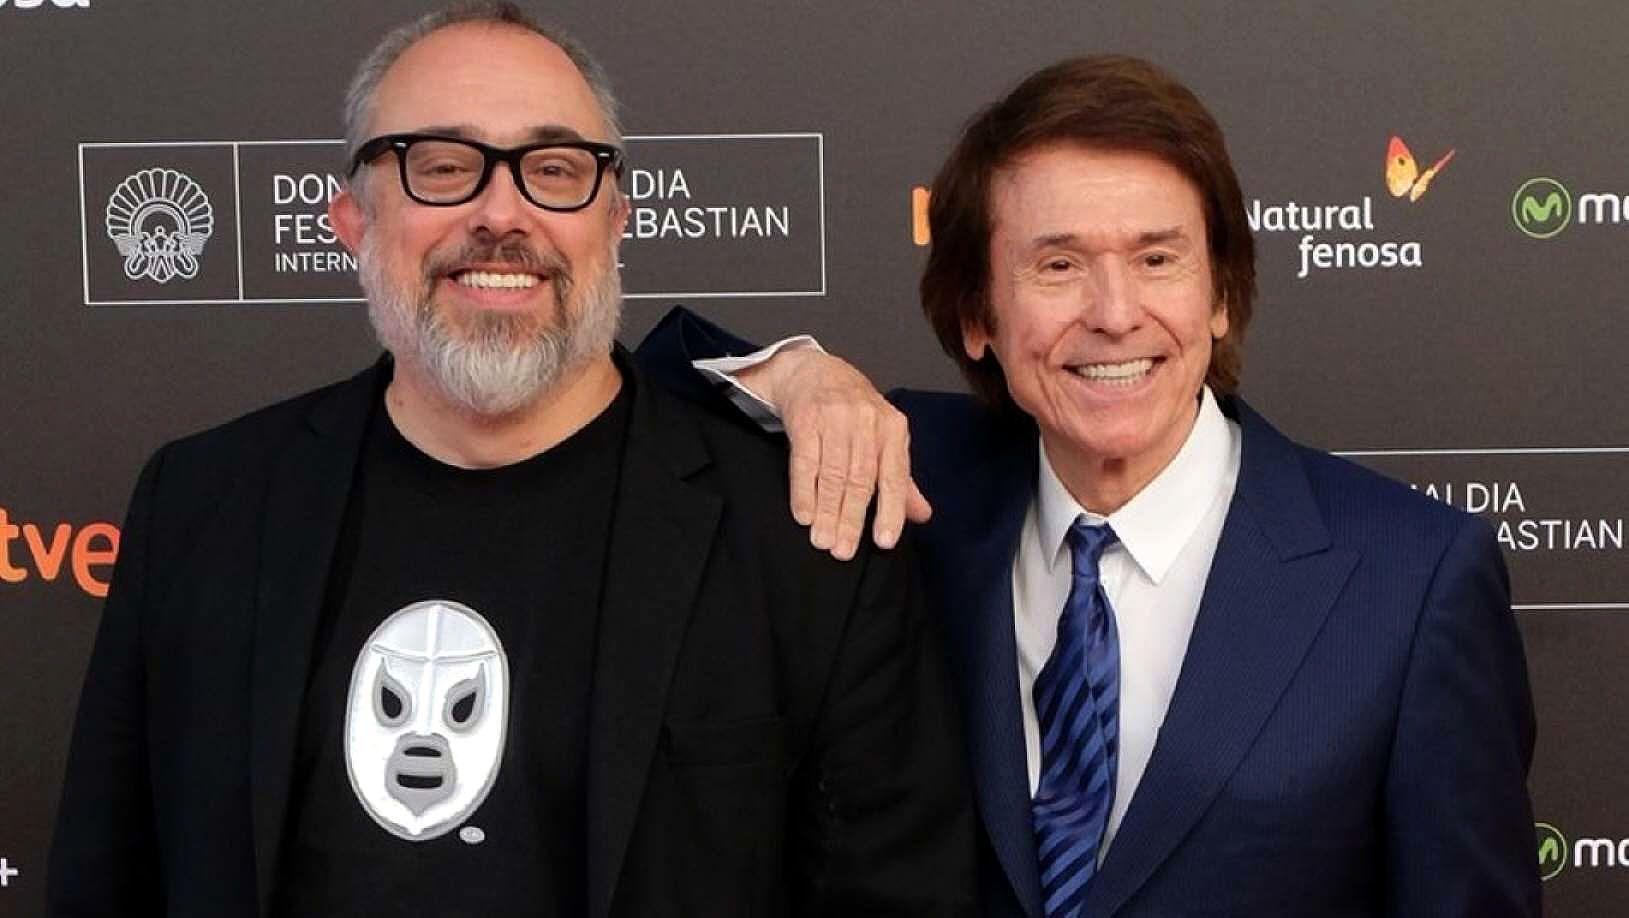 Dúo dinámico. El director y el cantante unidos por la comedia.